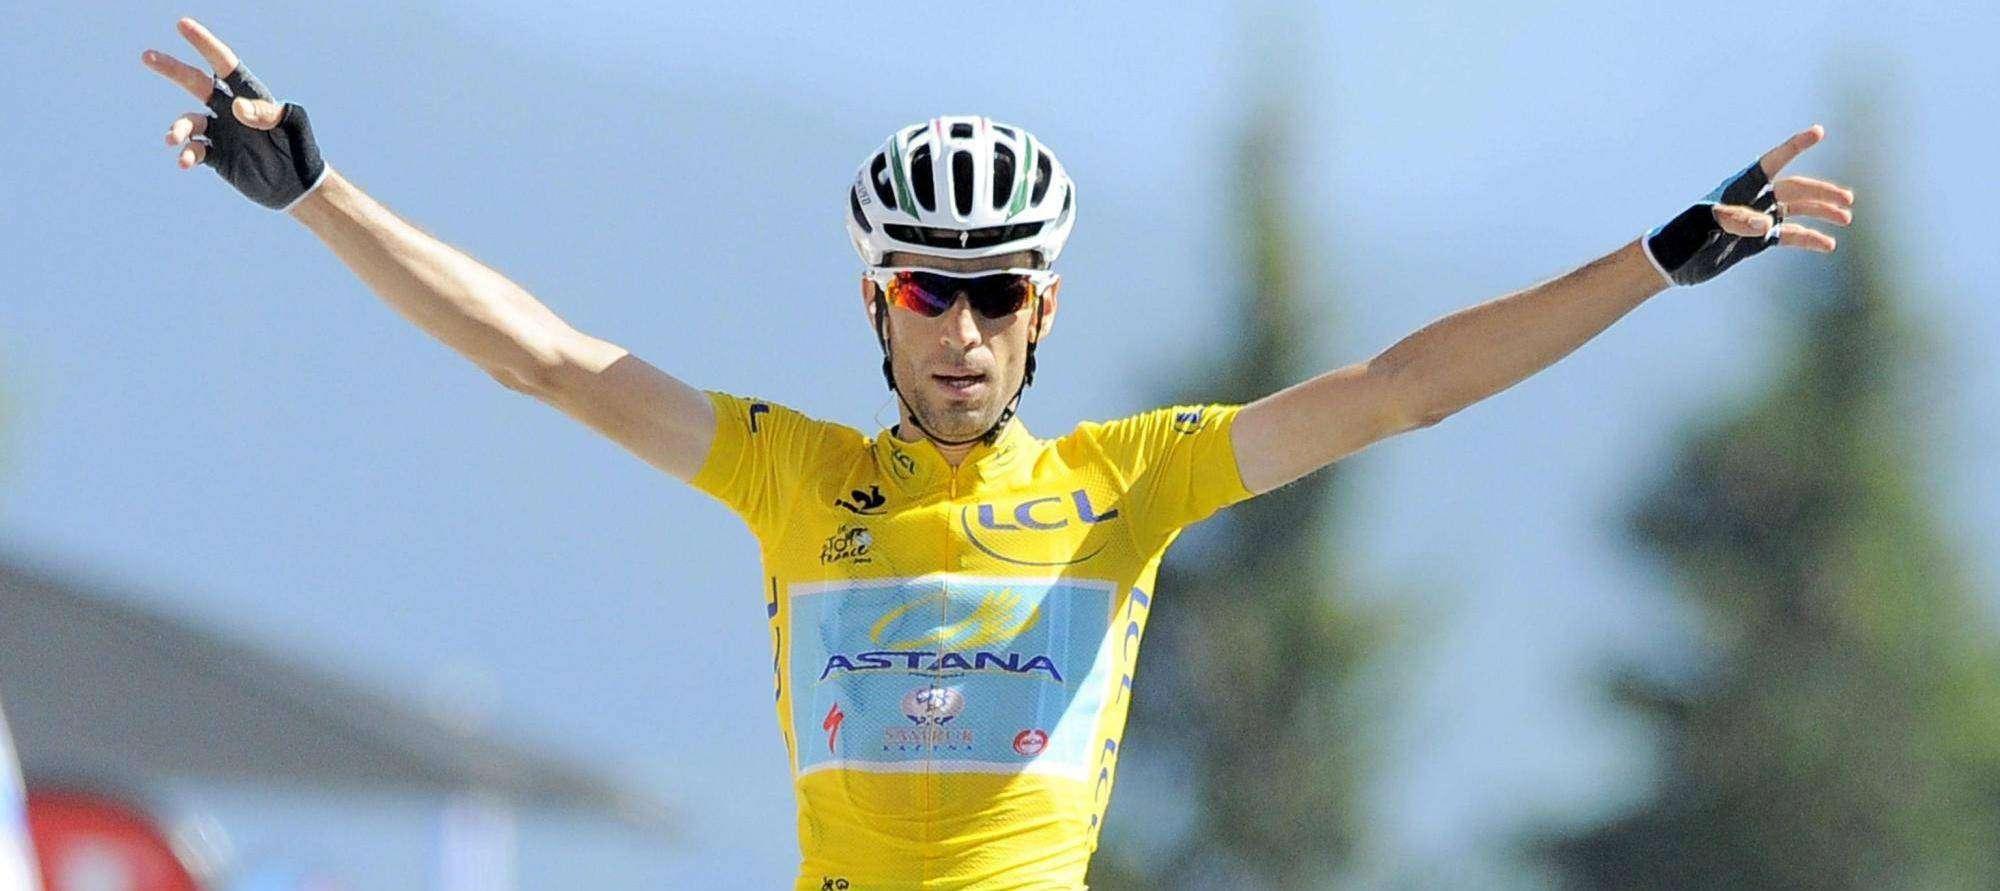 """La Recensione del Baco per il Tour de France: """"Vincenzo Nibali. Di ..."""